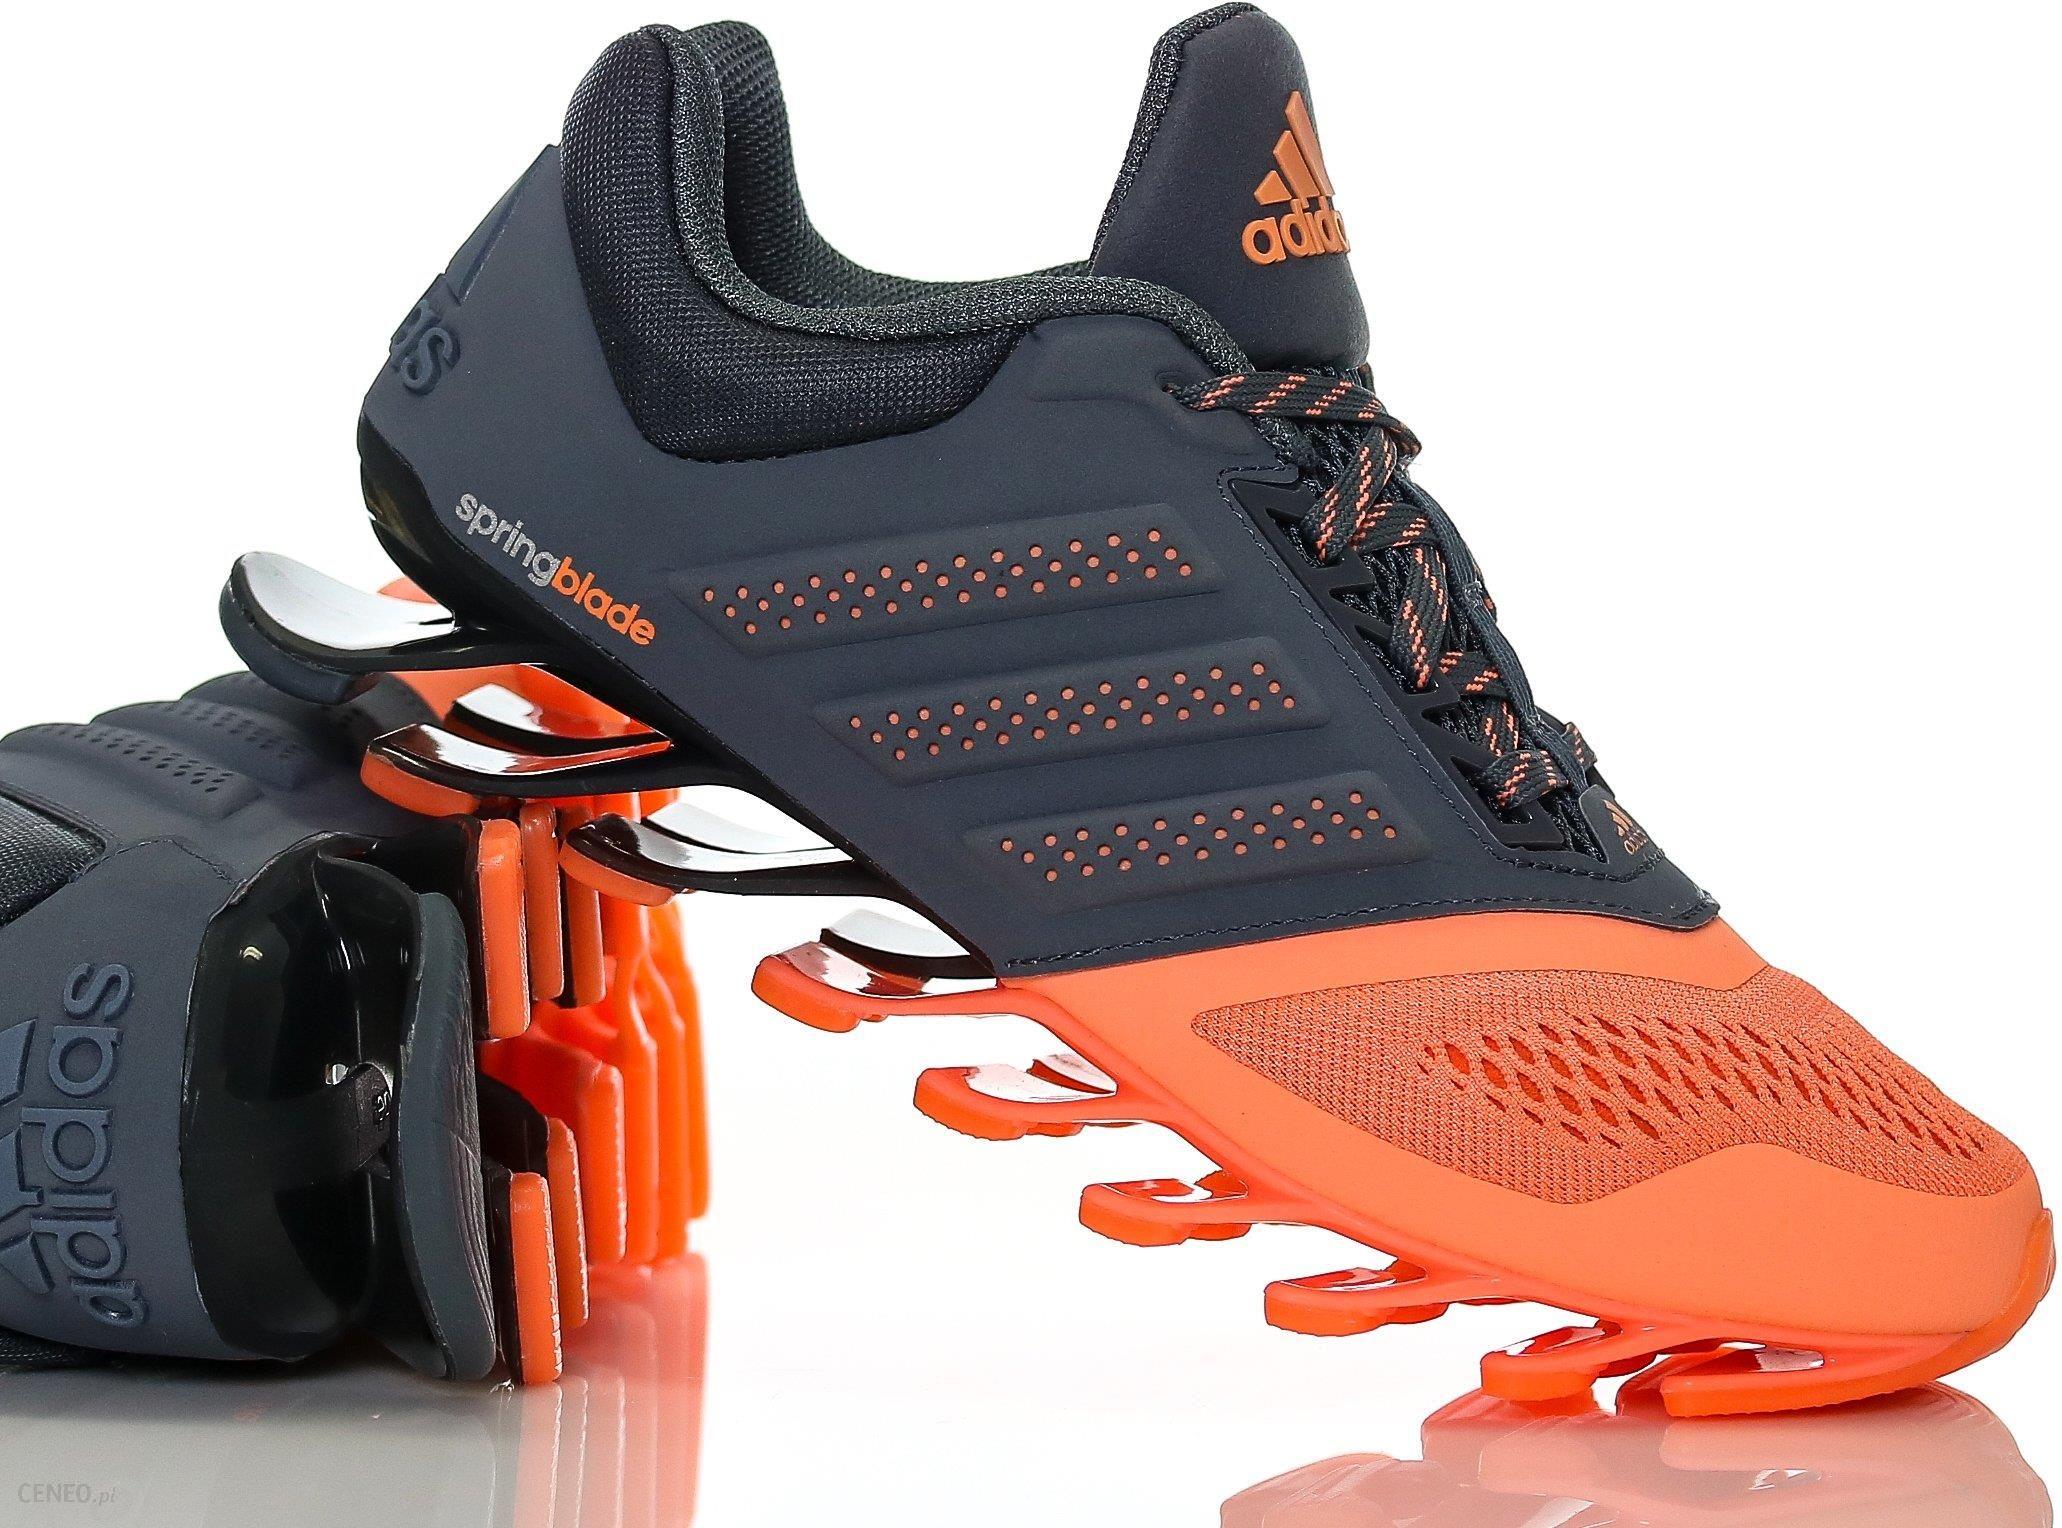 Buty damskie Adidas Springblade Drive S83695 r. 38 Ceny i opinie Ceneo.pl